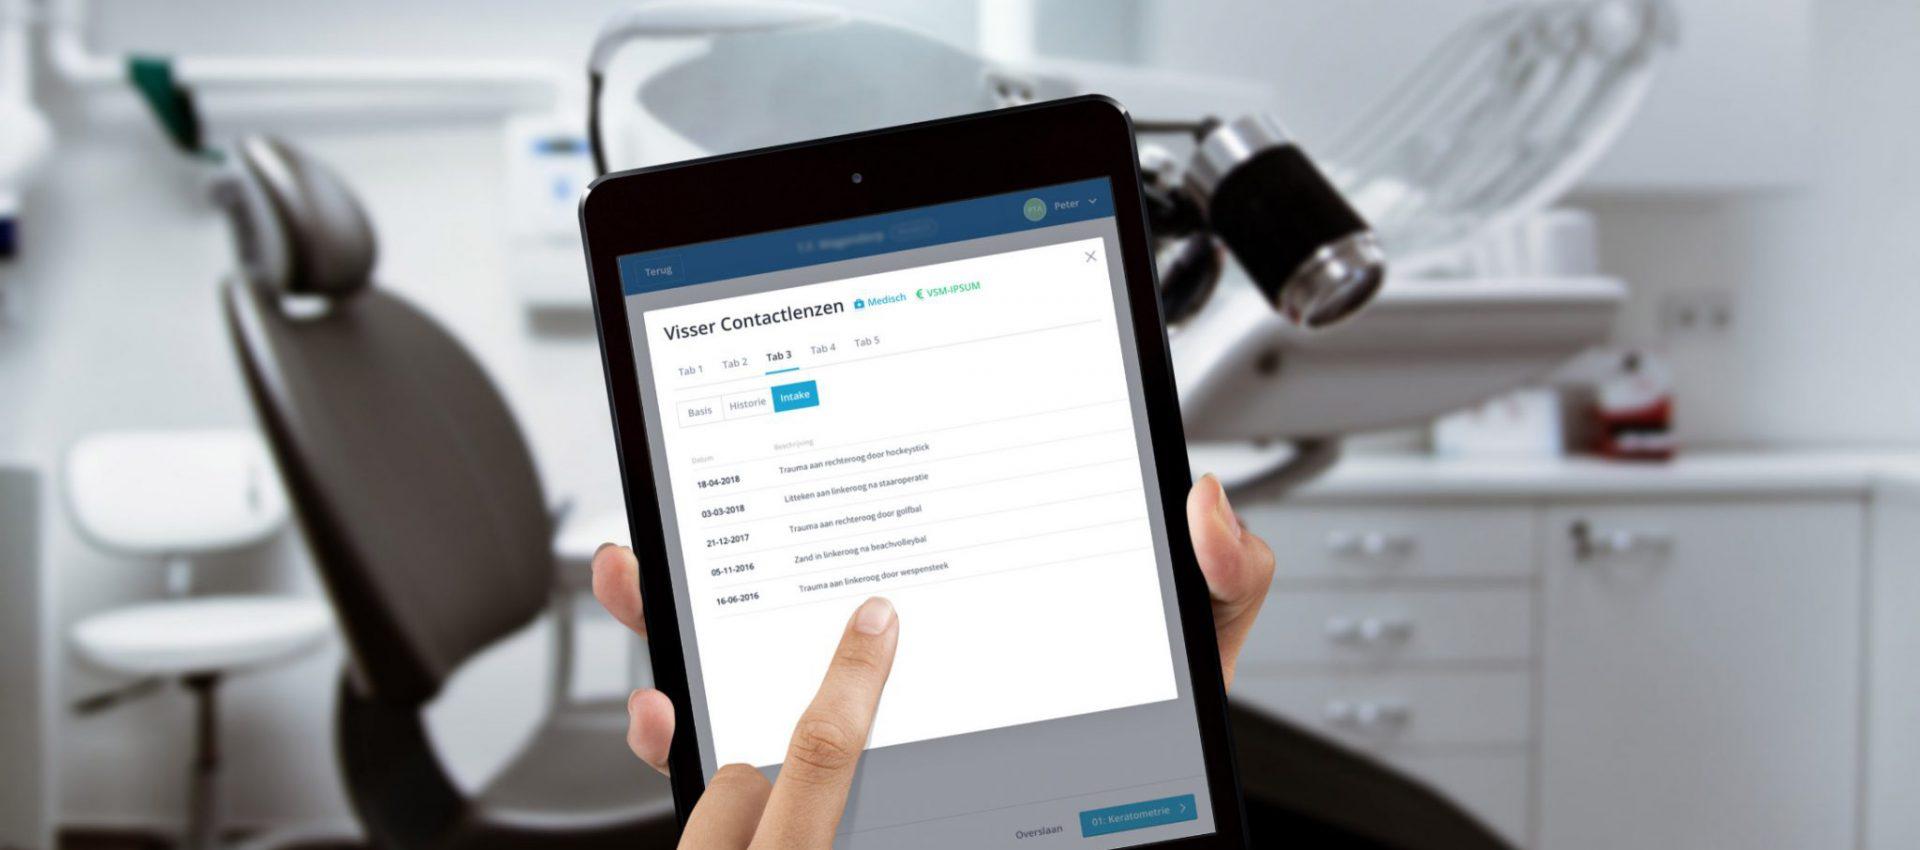 Afbeelding voor Van papier naar digitaal met een webapplicatie voor Visser Contactlenzen